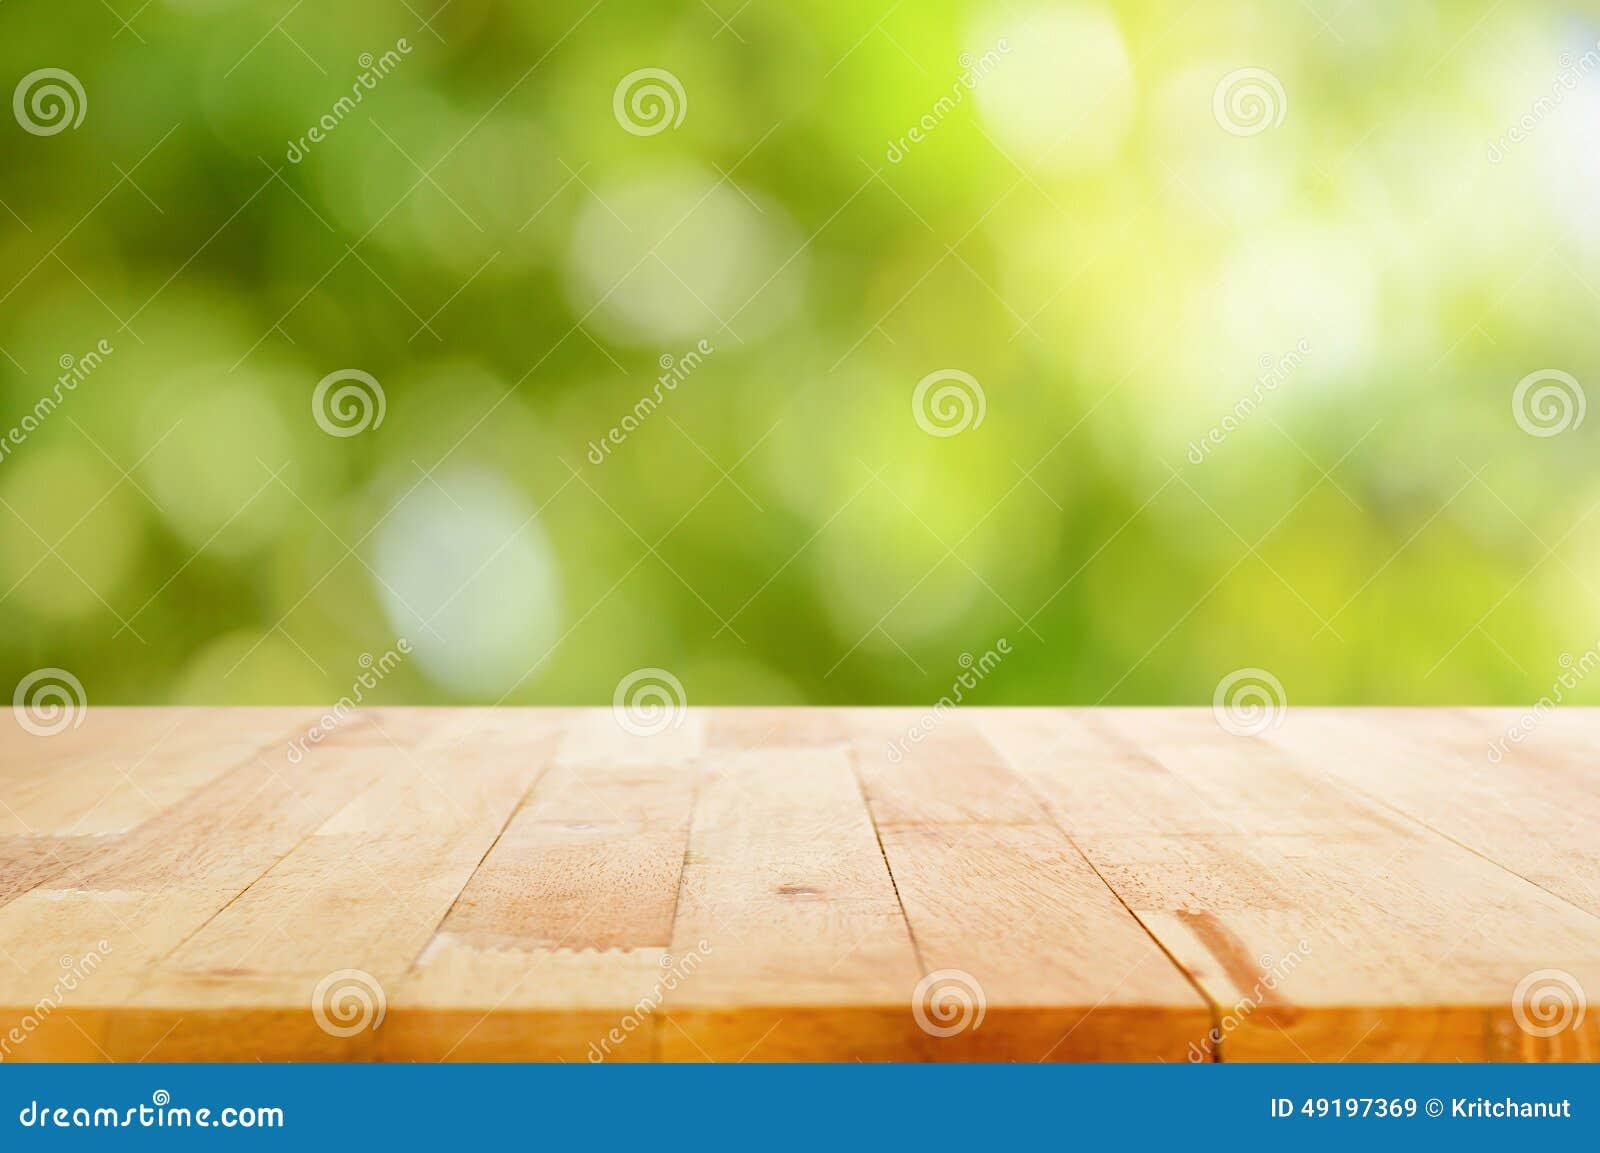 Hölzerne Tischplatte auf bokeh Zusammenfassungs-Grünhintergrund